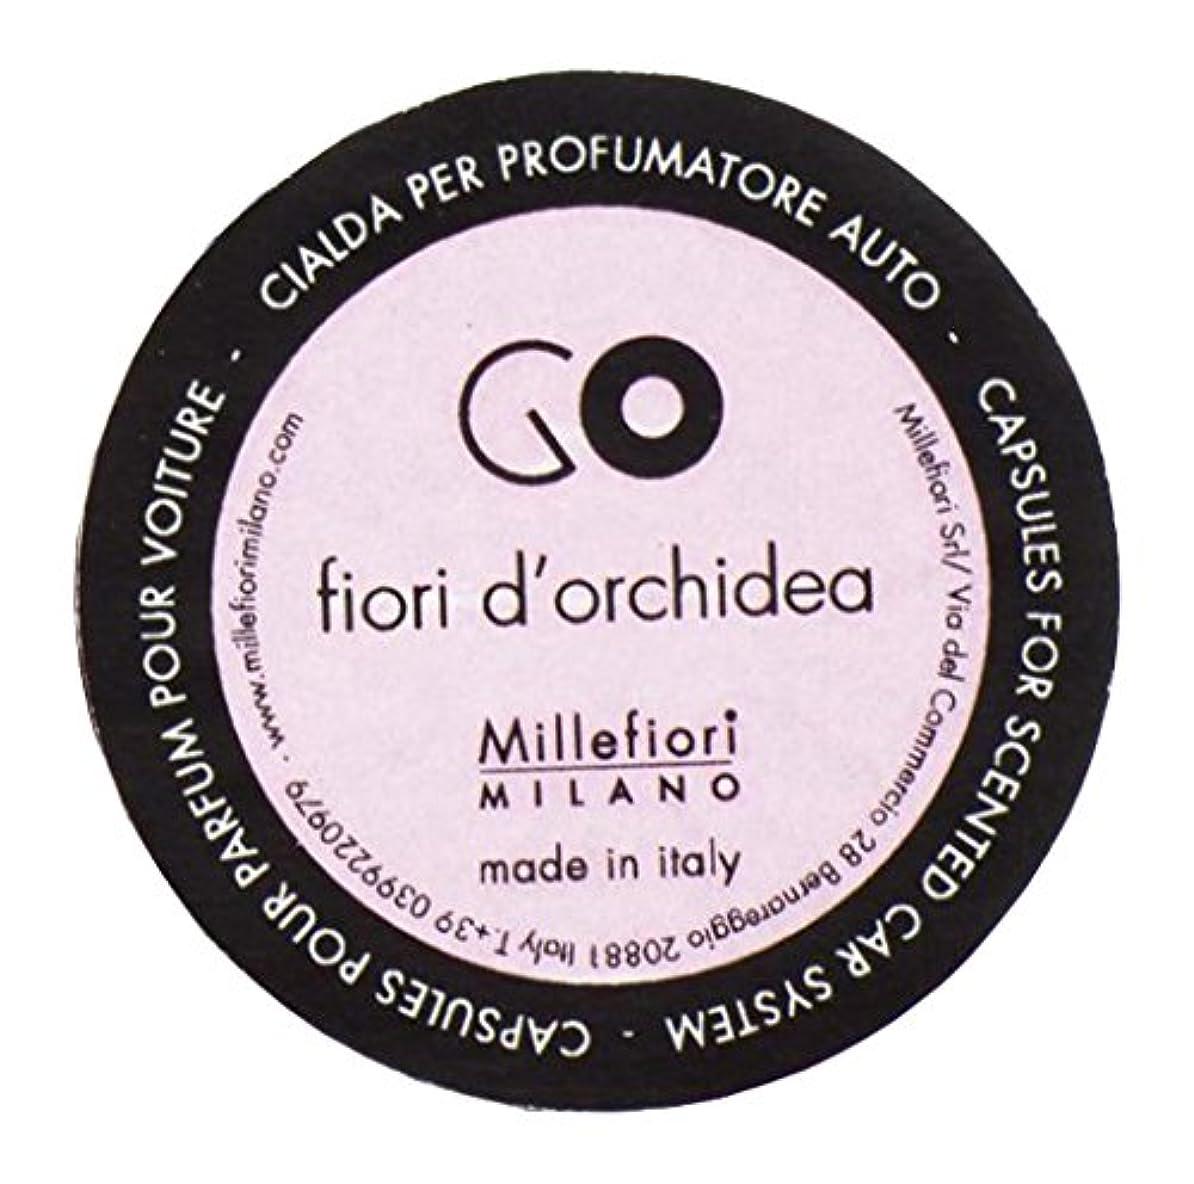 褐色一定解決Millefiori カーエアフレッシュナー GO レフィル オーキッド 1pcs RGFO